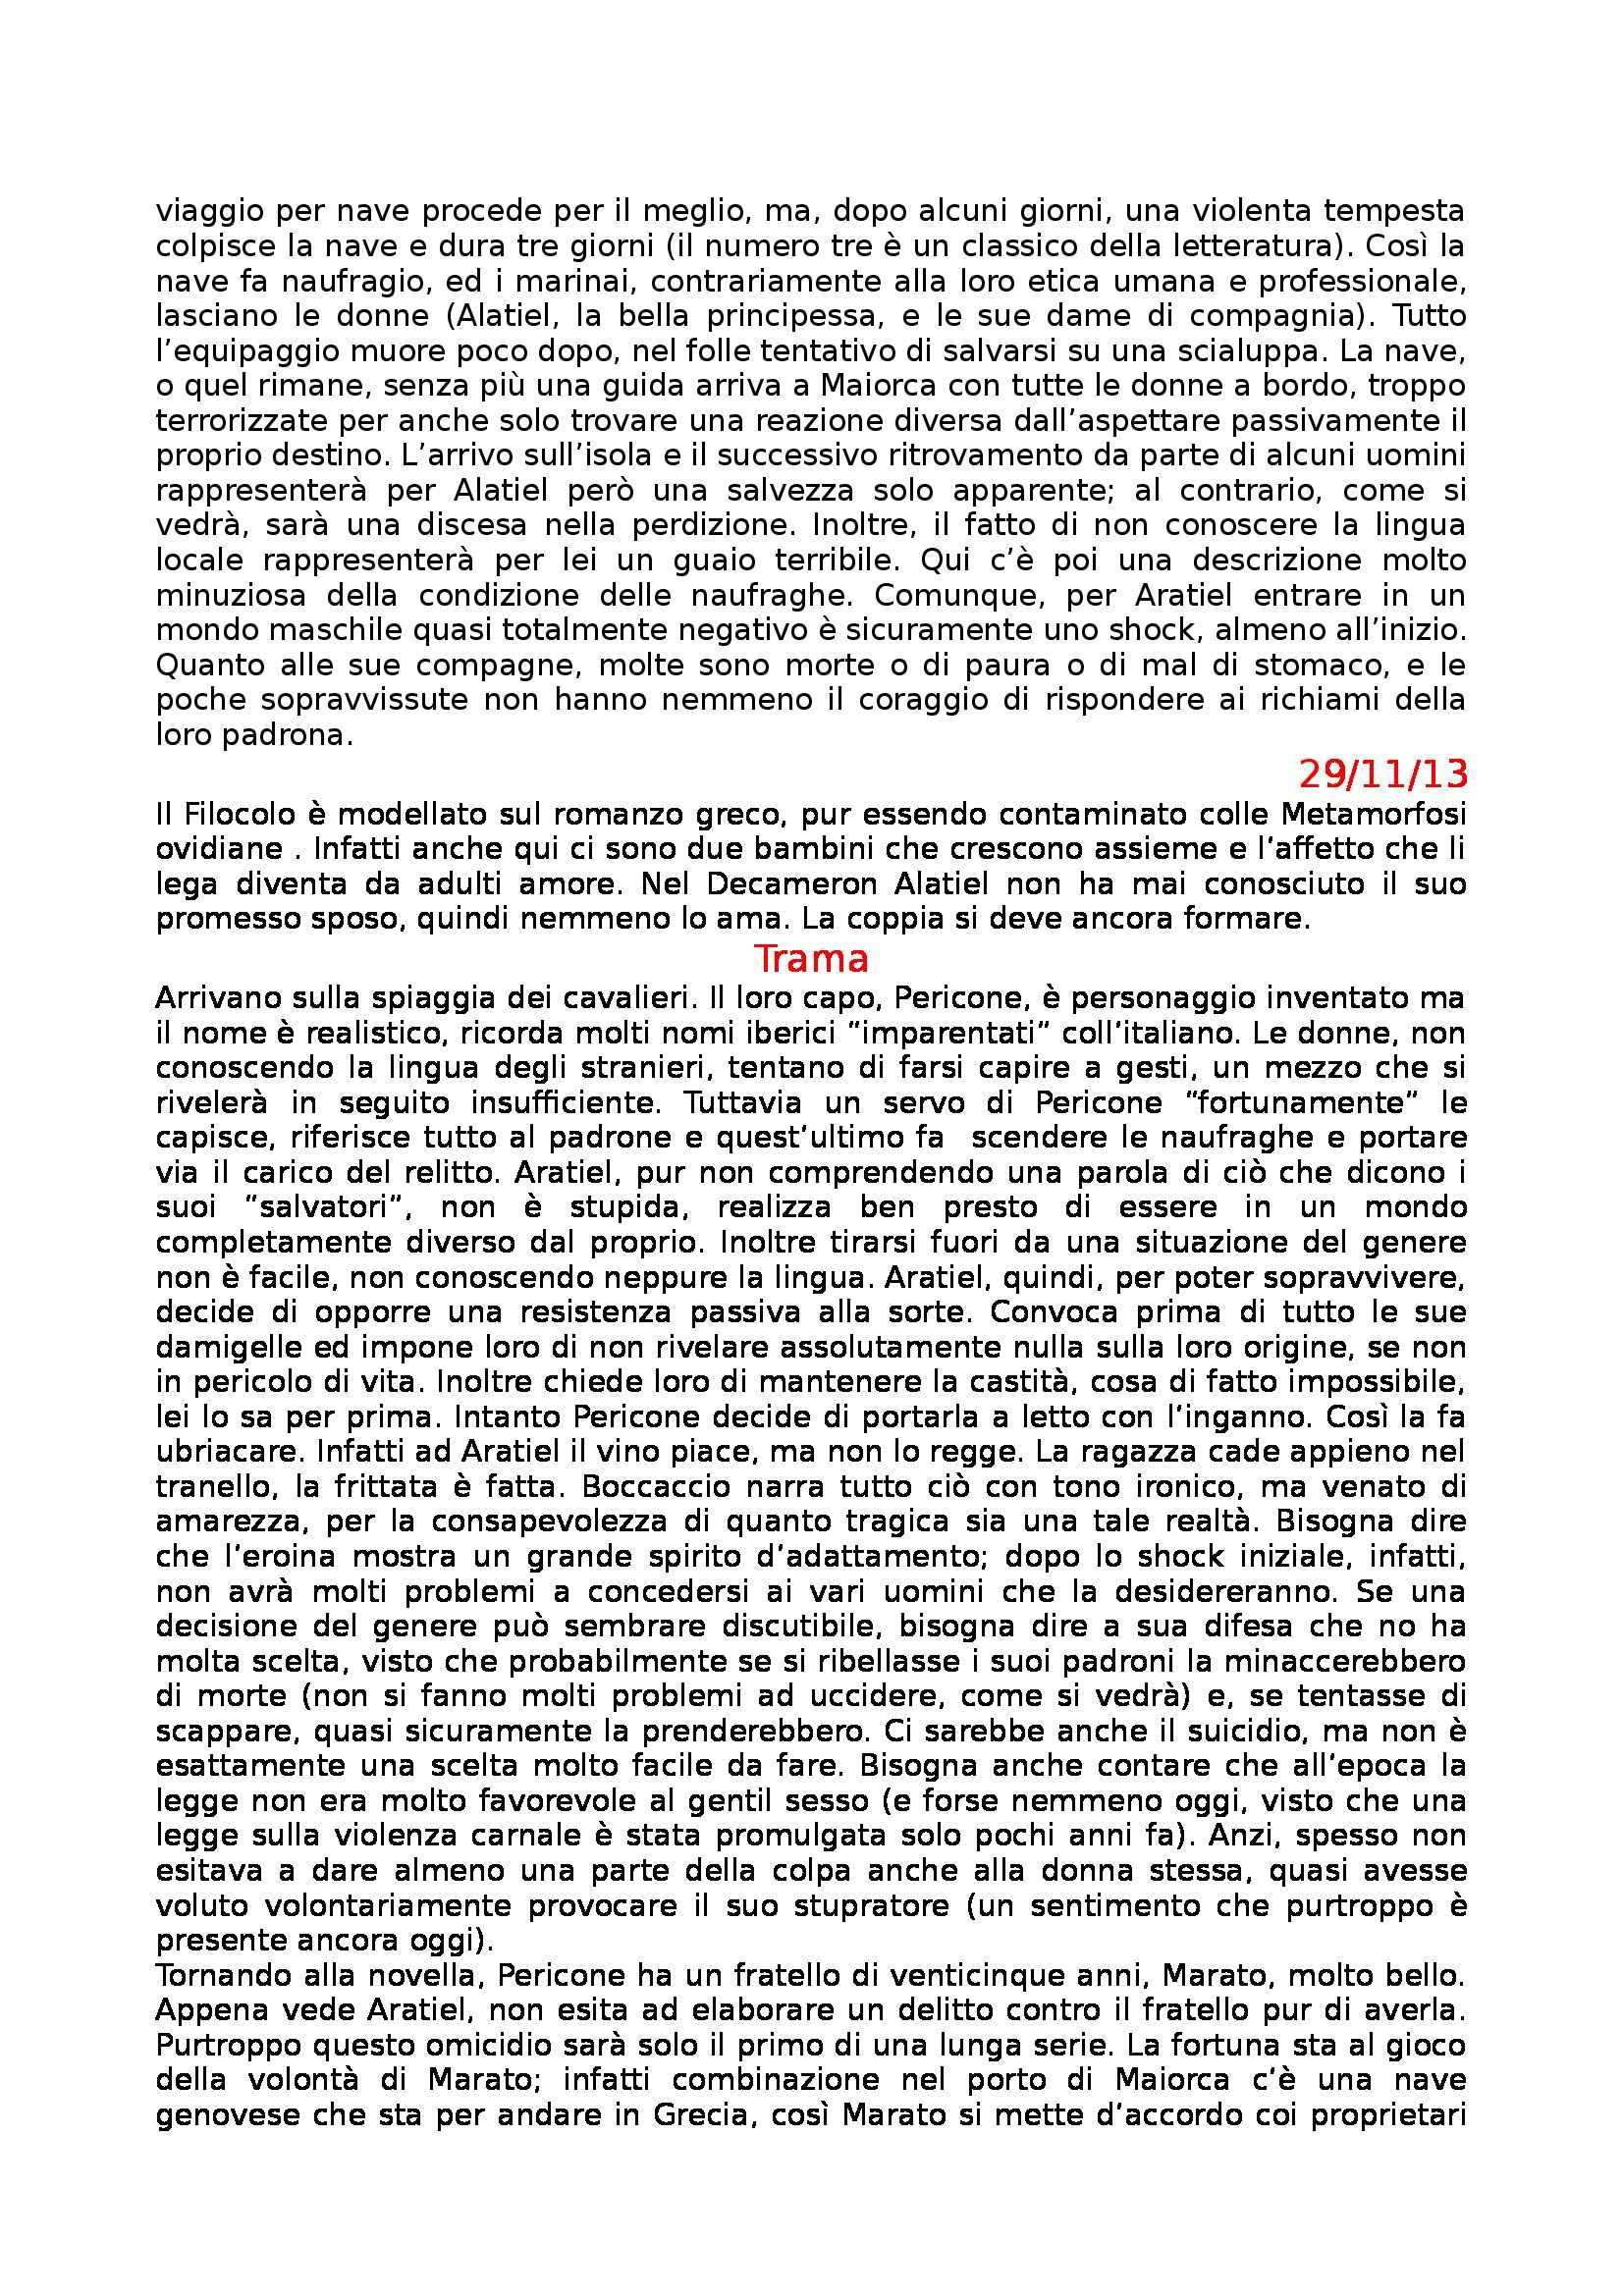 Letteratura Italiana - Boccaccio e Decameron Pag. 26